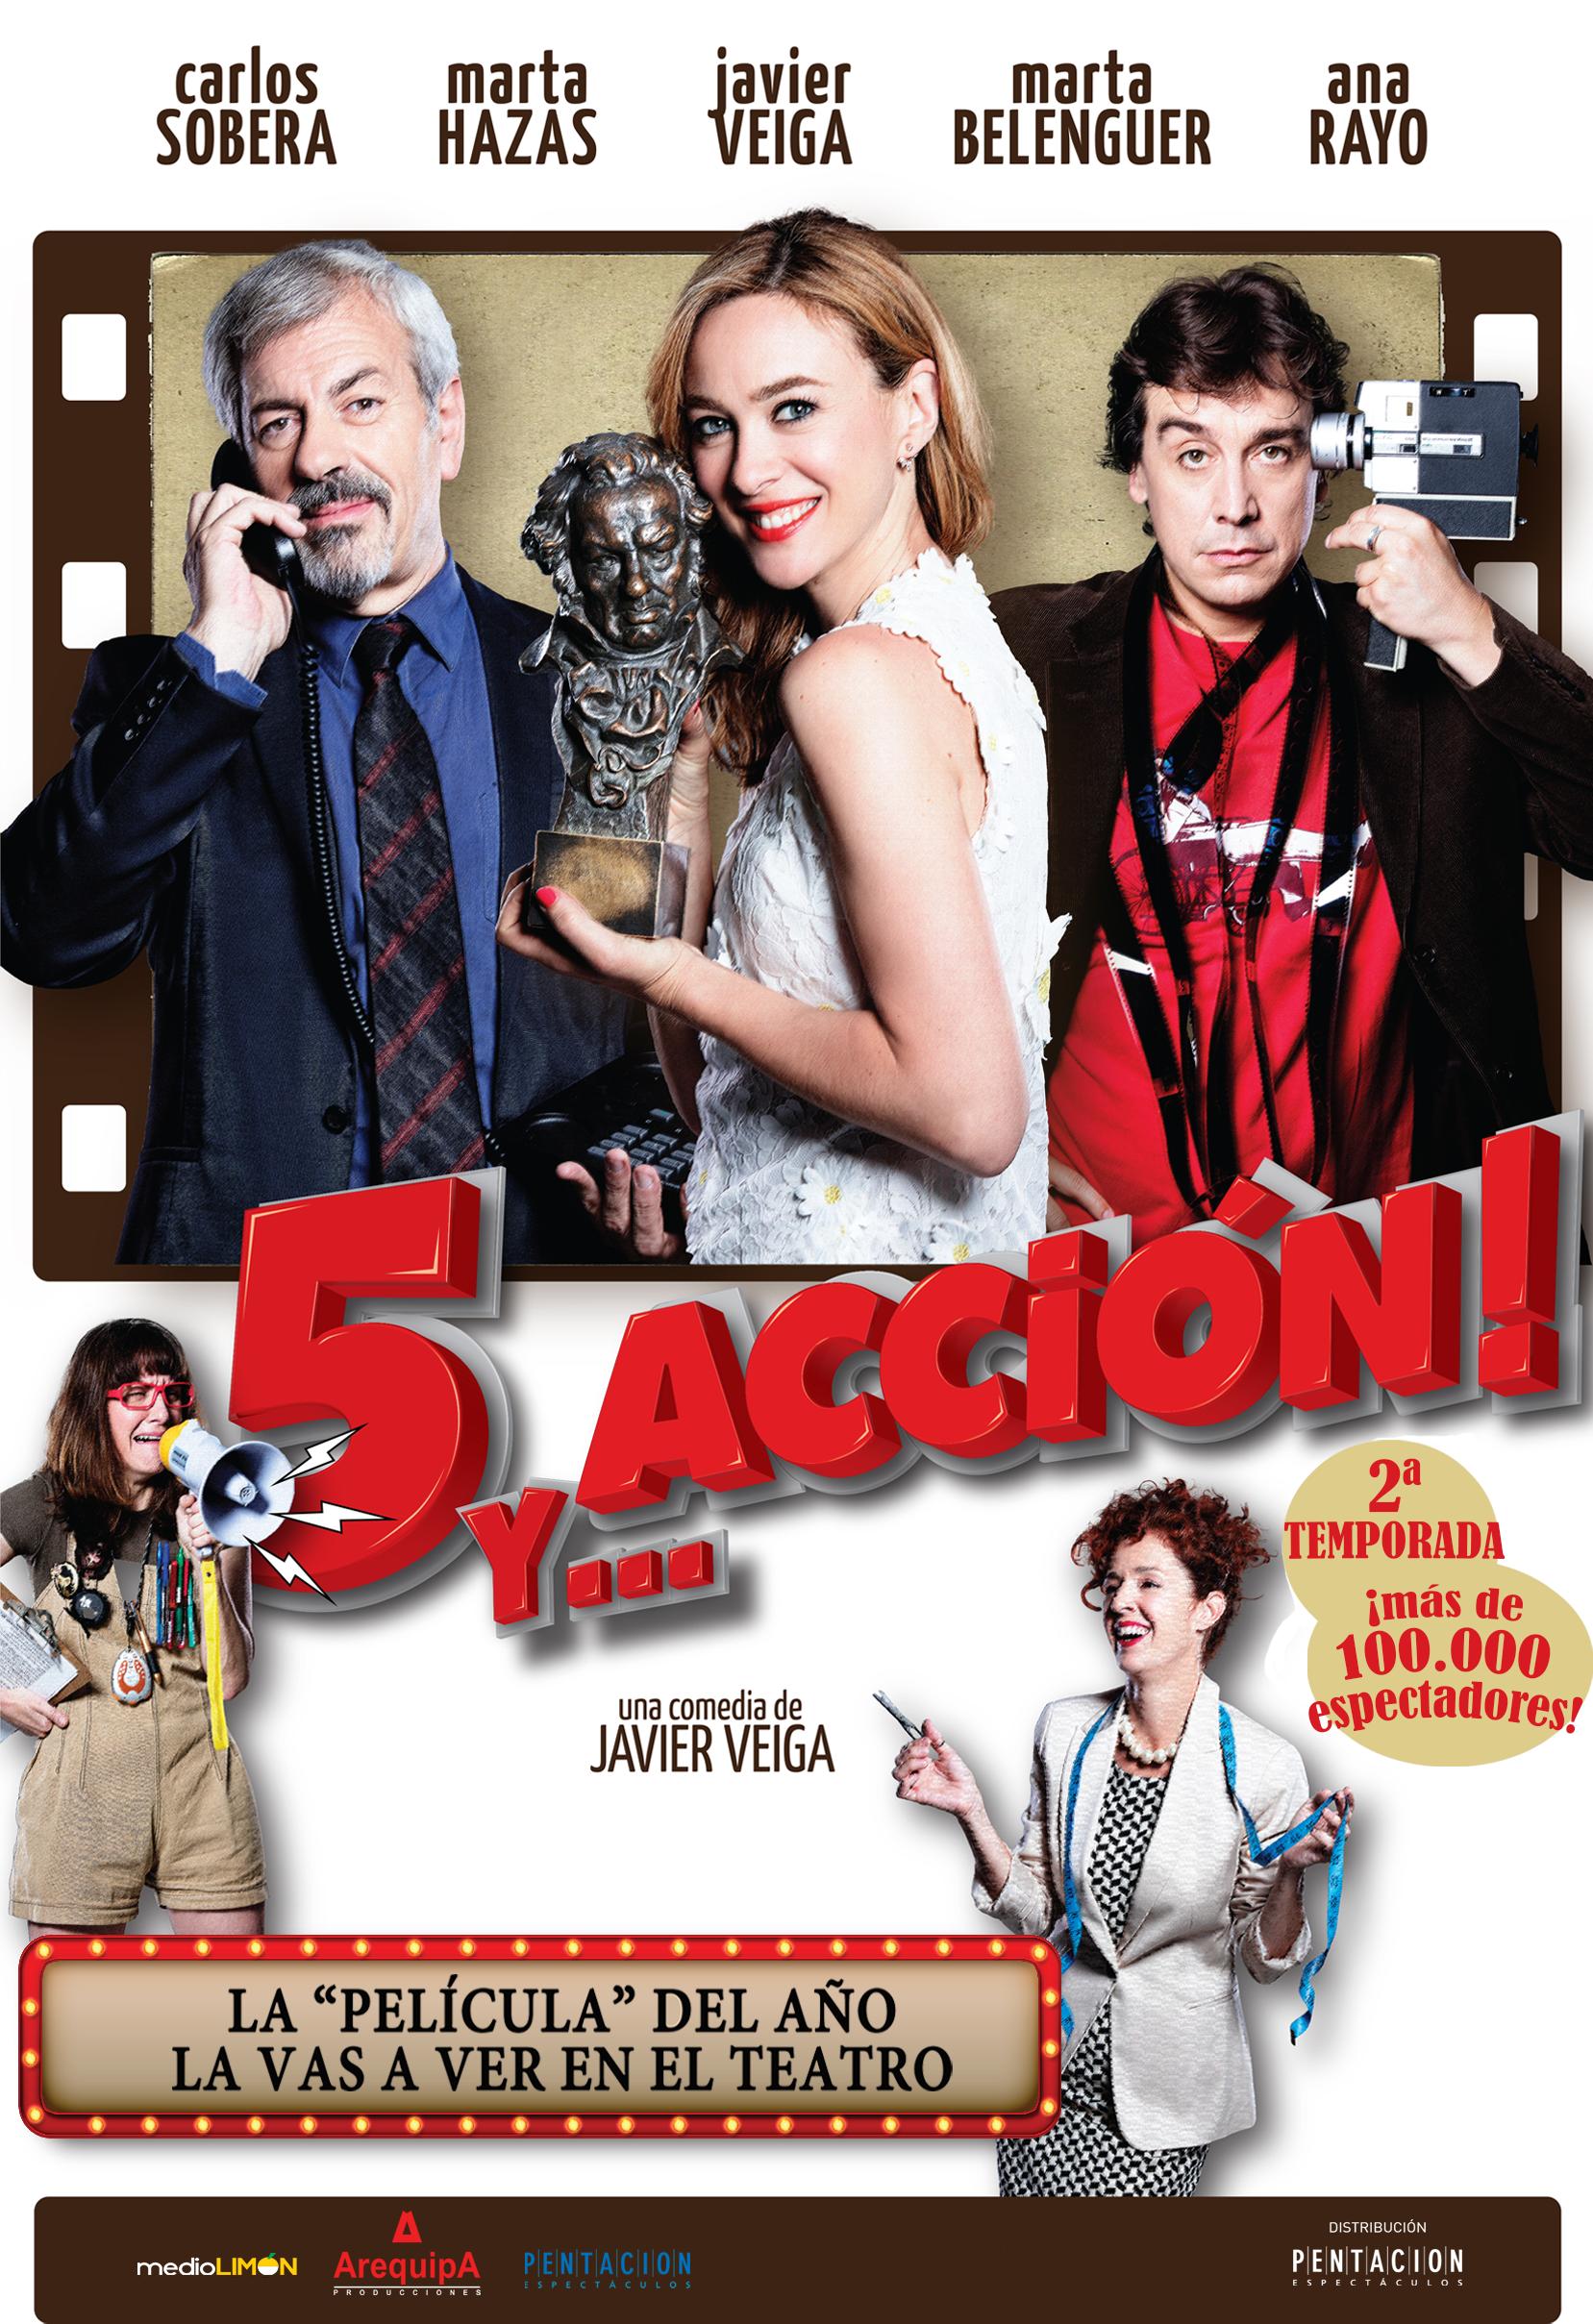 5 y accion teatro